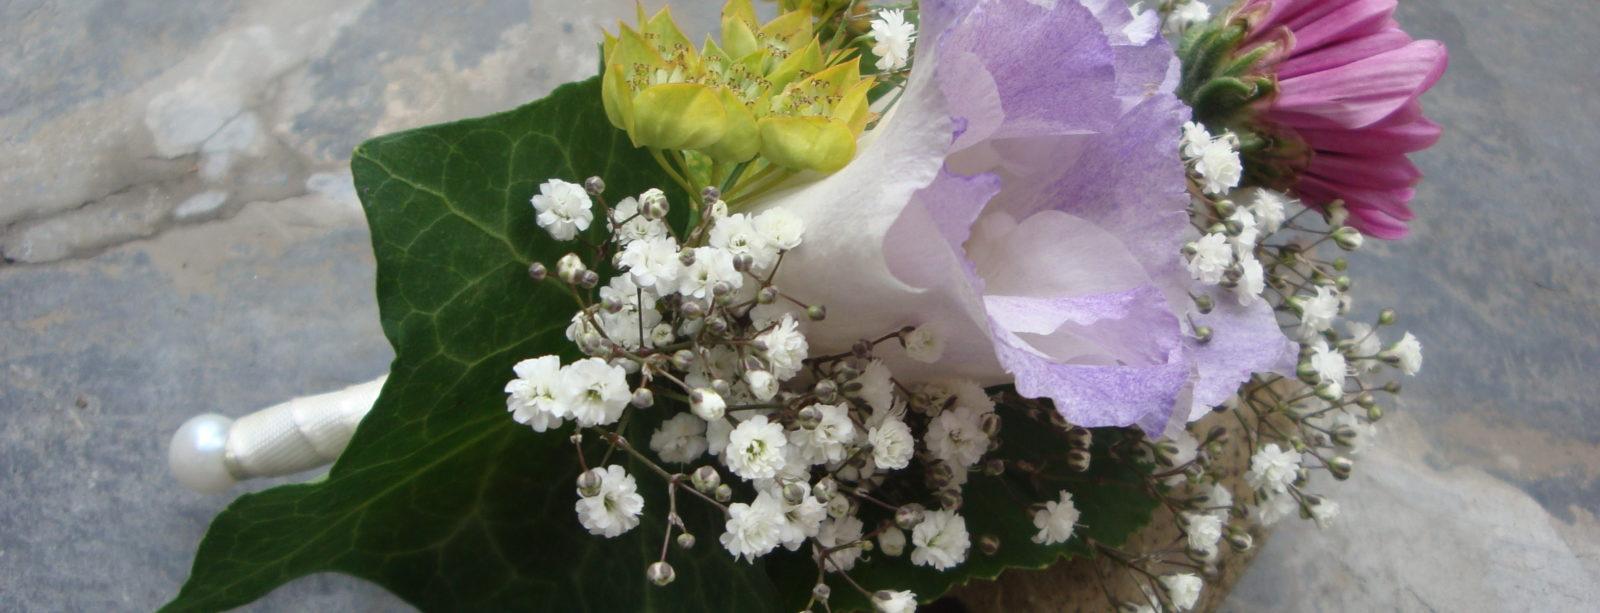 Ansteckblumen - Hochzeitsfeier Hotel Waldhaus Sils